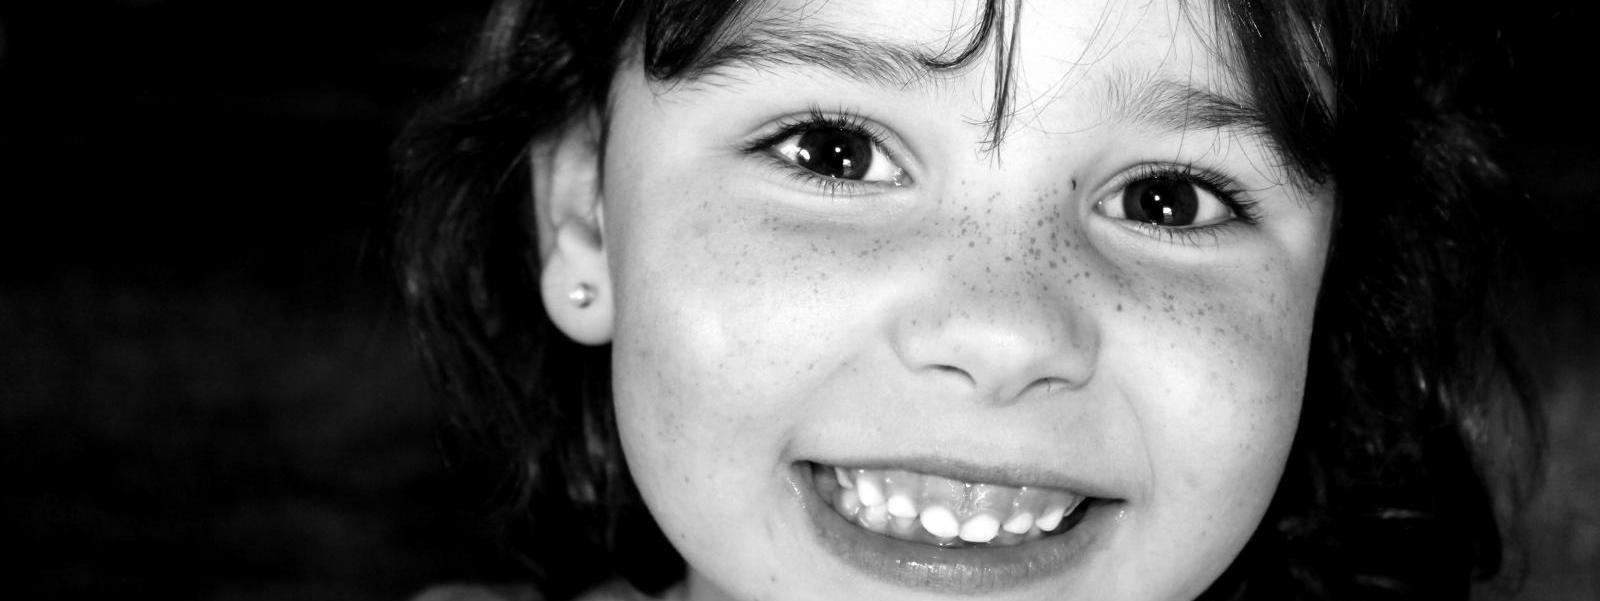 ¿Por qué los dentistas estadounidenses están recomendando extraer los dientes de leche antes de que se caigan?